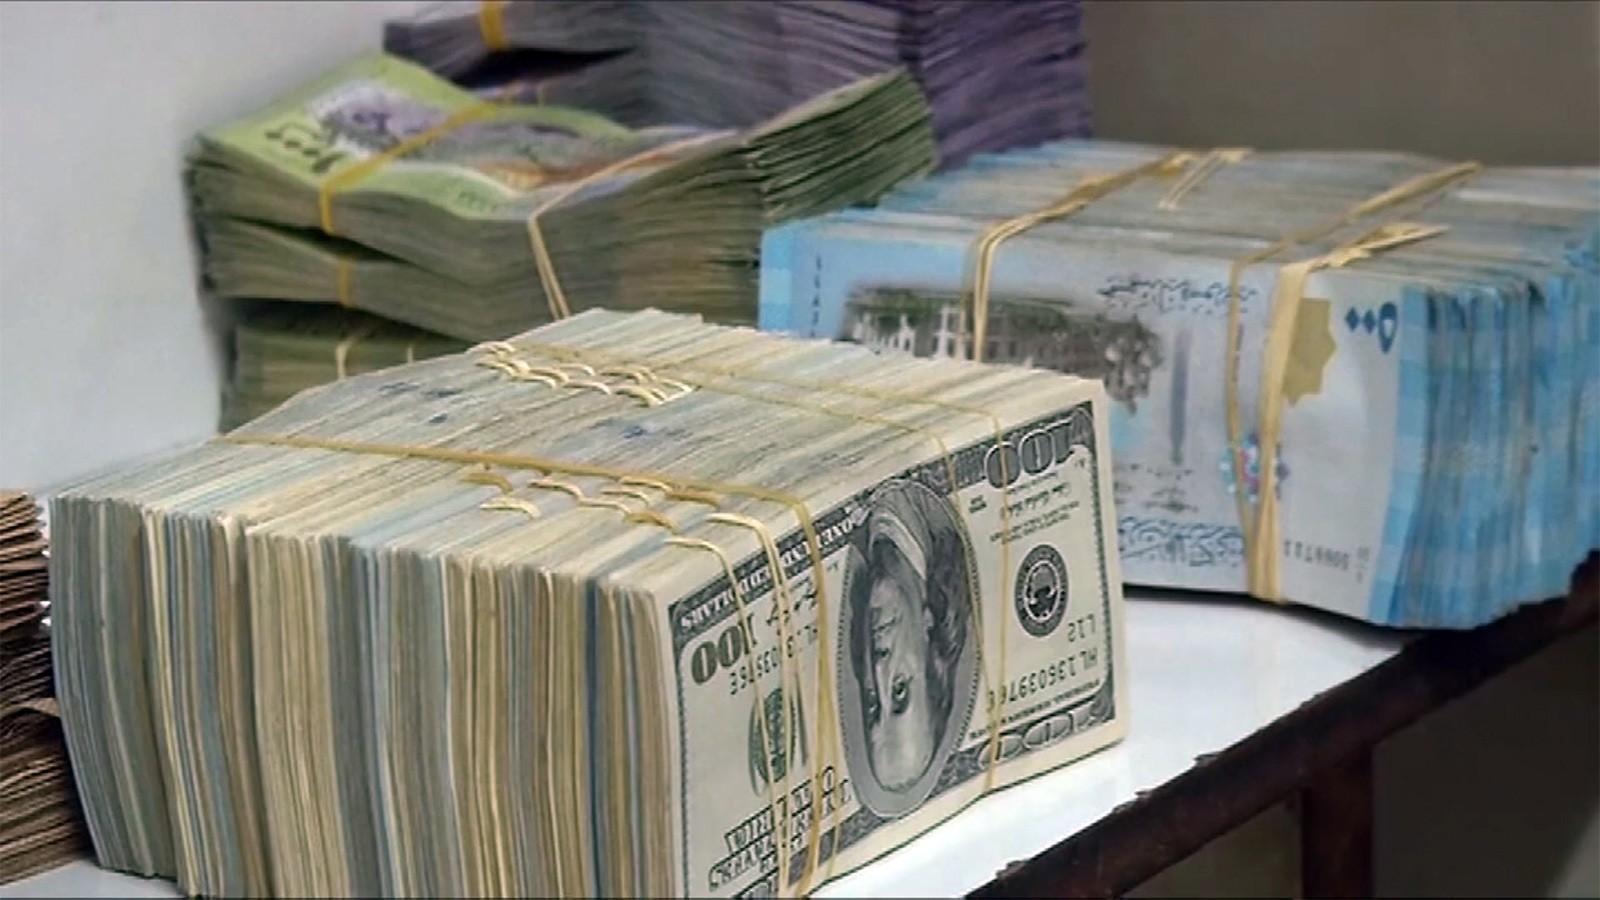 الليرة السورية مقابل الدولار الأمريكي - أرشيف